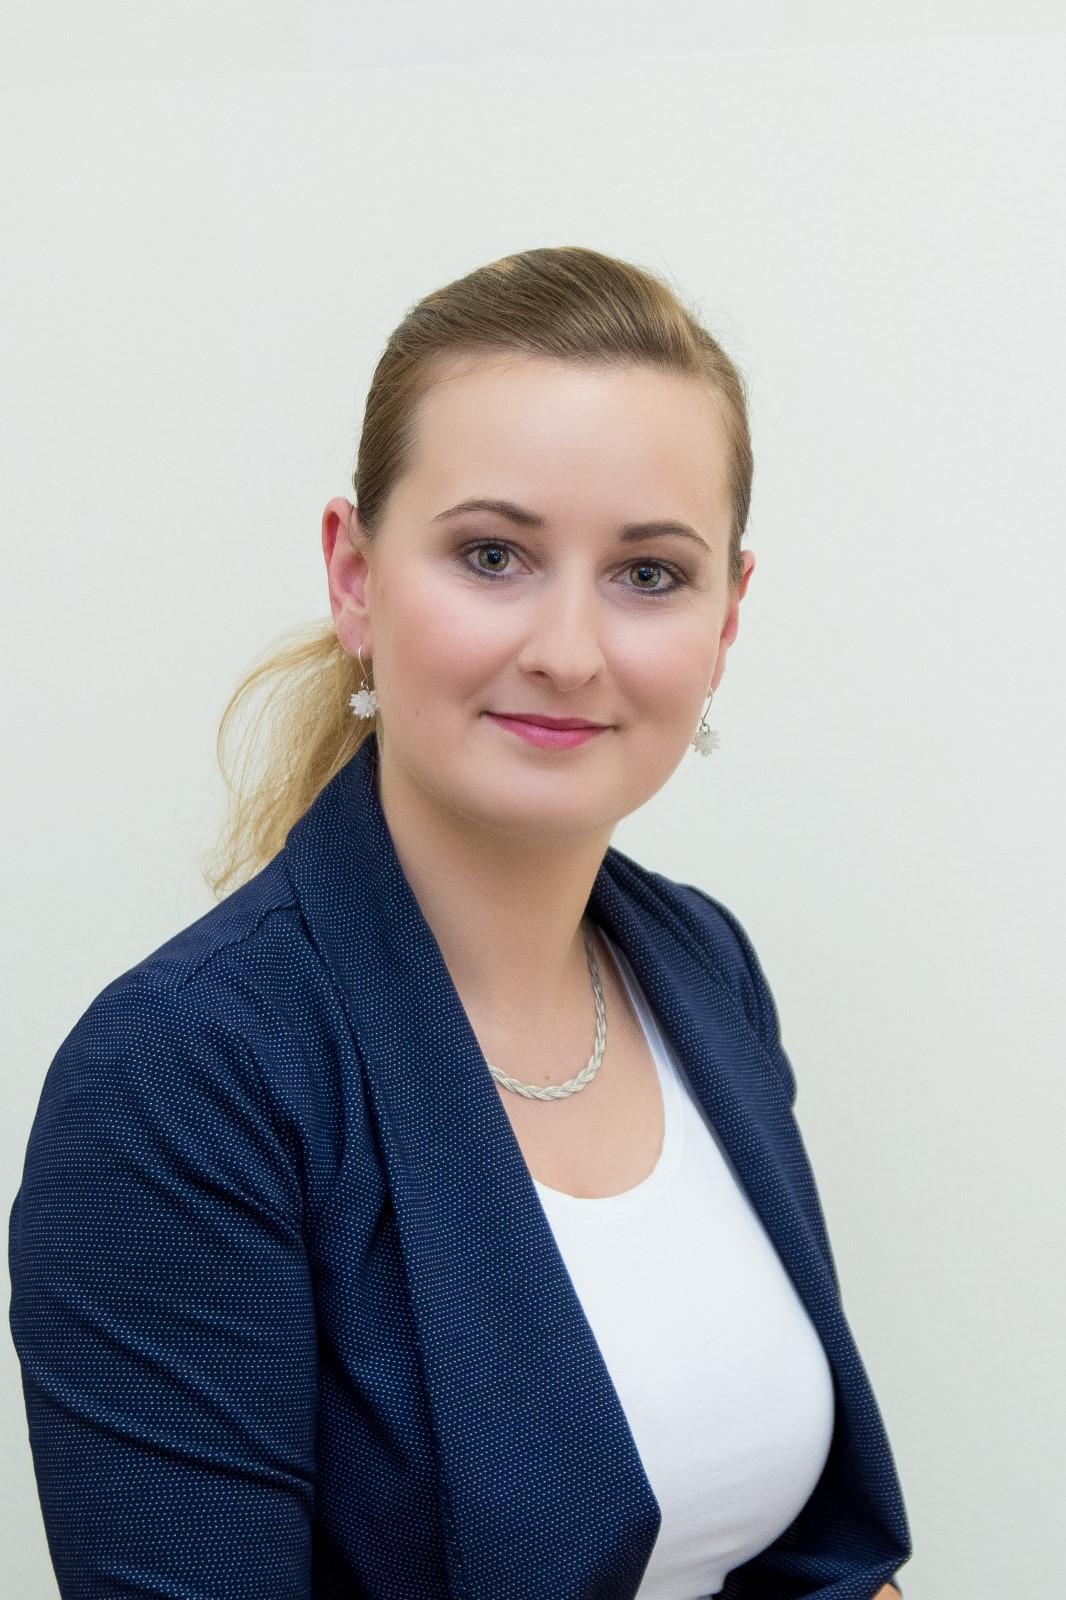 Vendula Tomášková - recepční